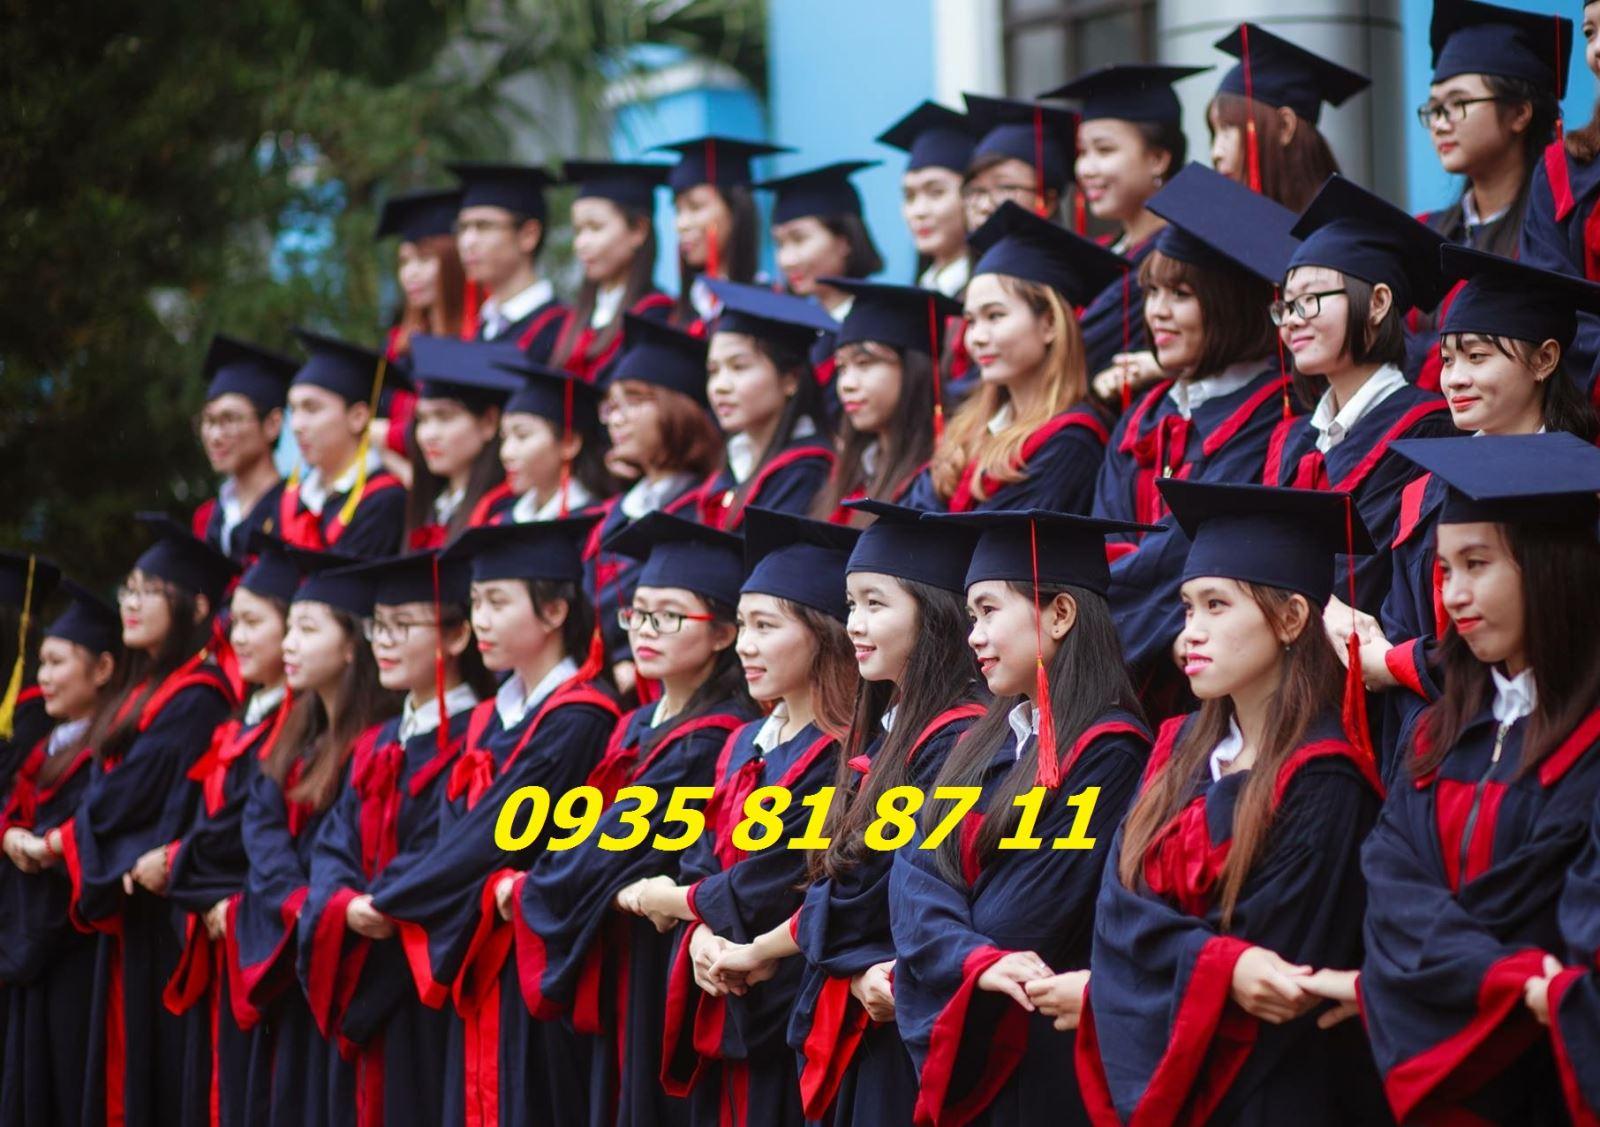 Thuê áo tốt nghiệp cử nhân